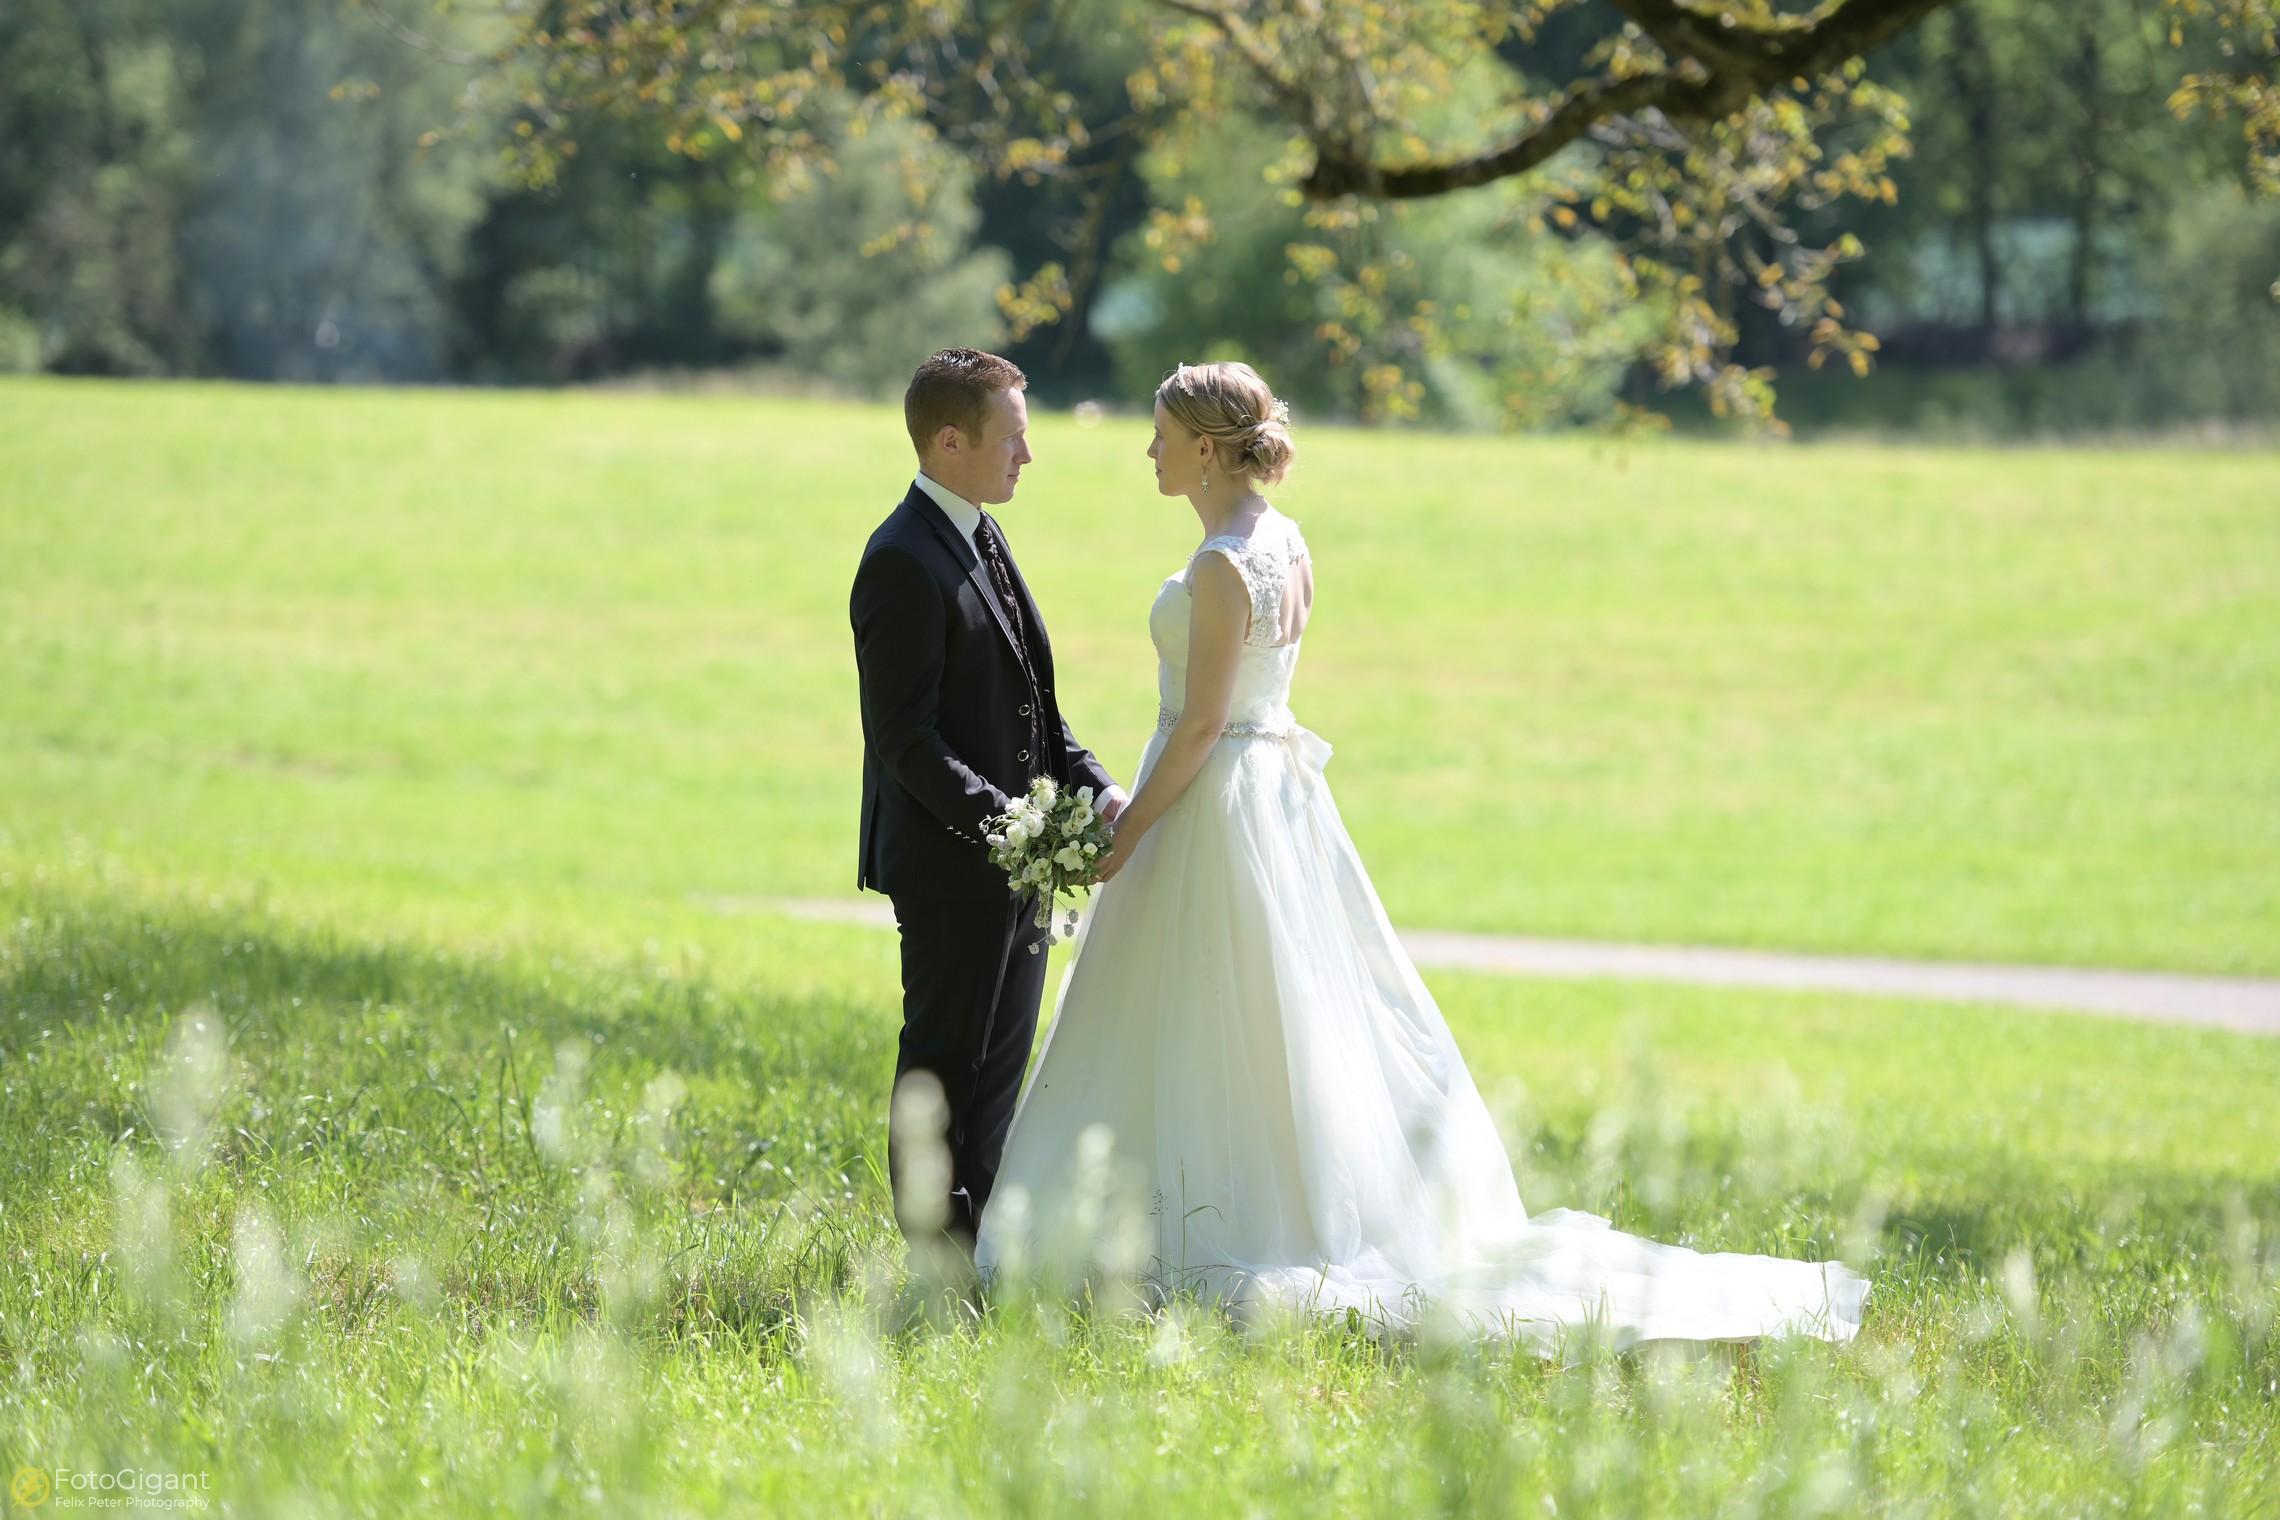 Hochzeitsfotografieworkshop_64.jpg